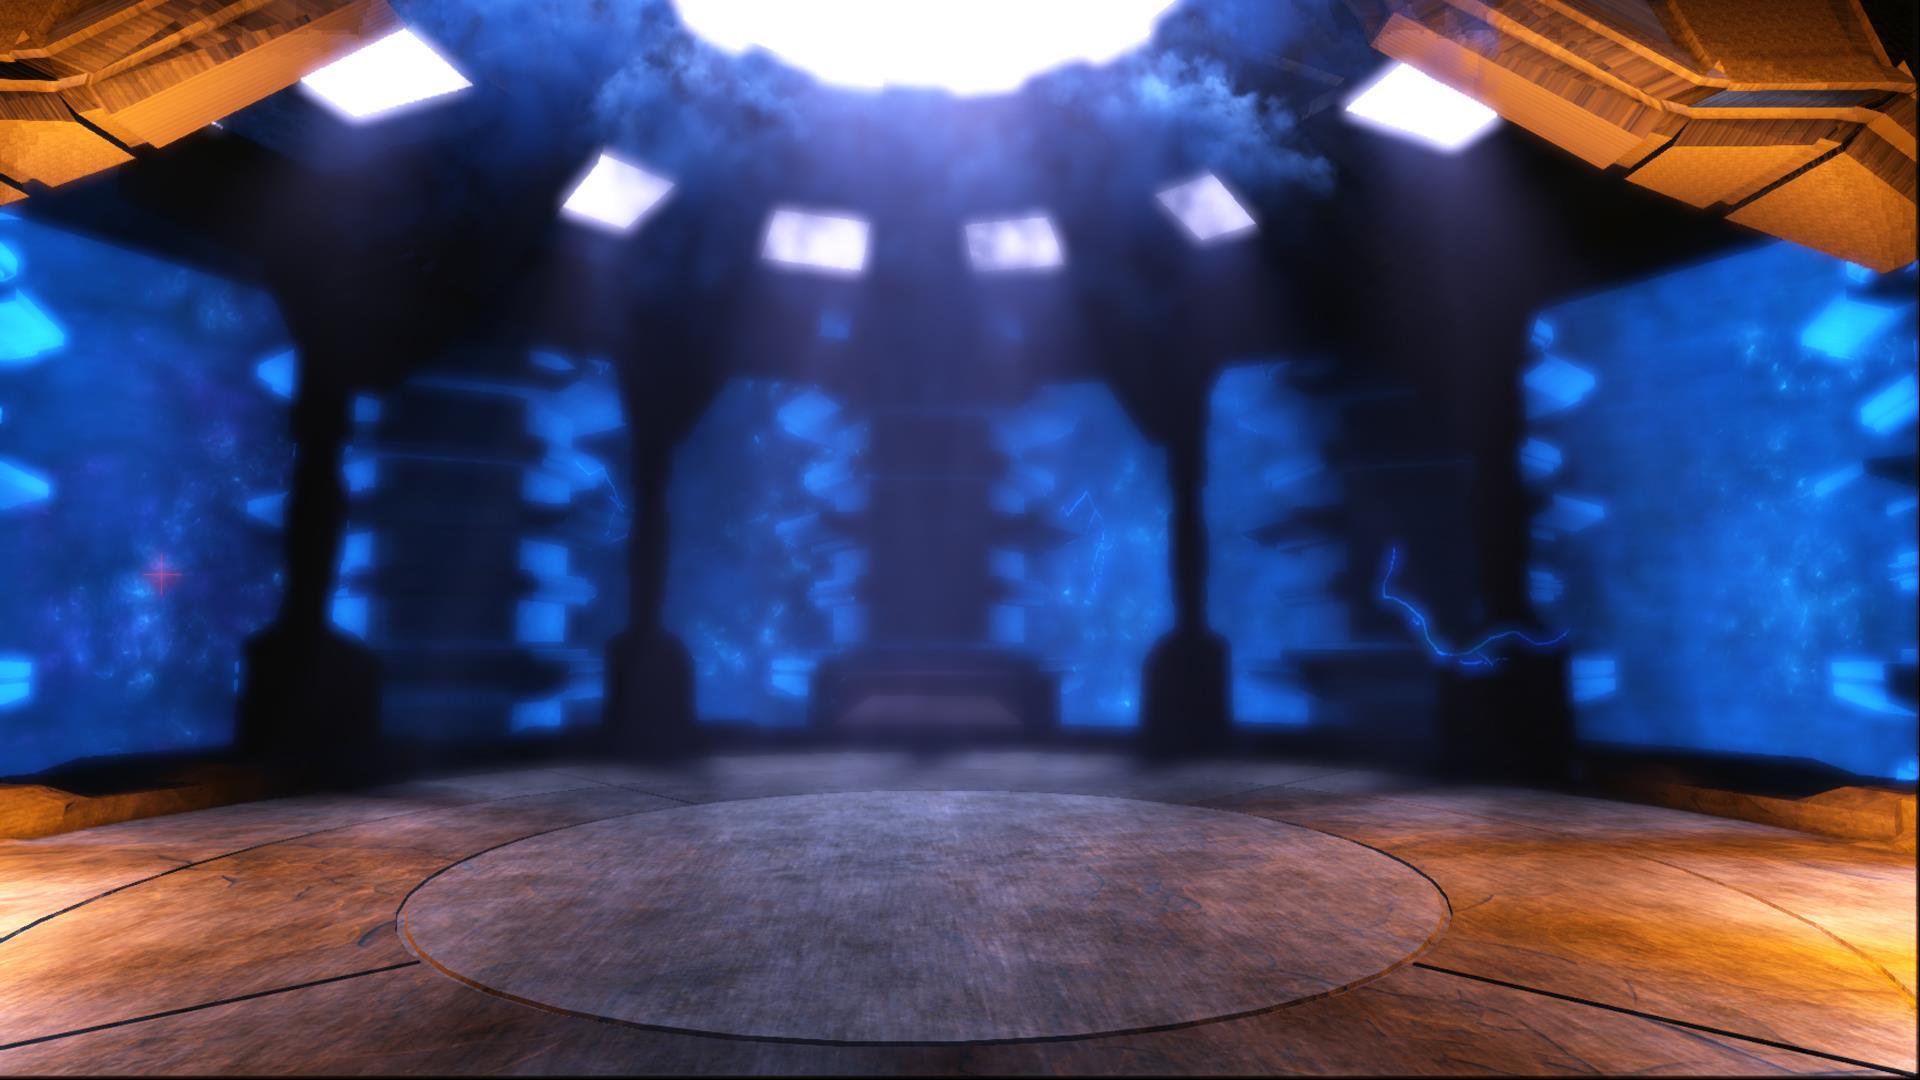 Tech Arena